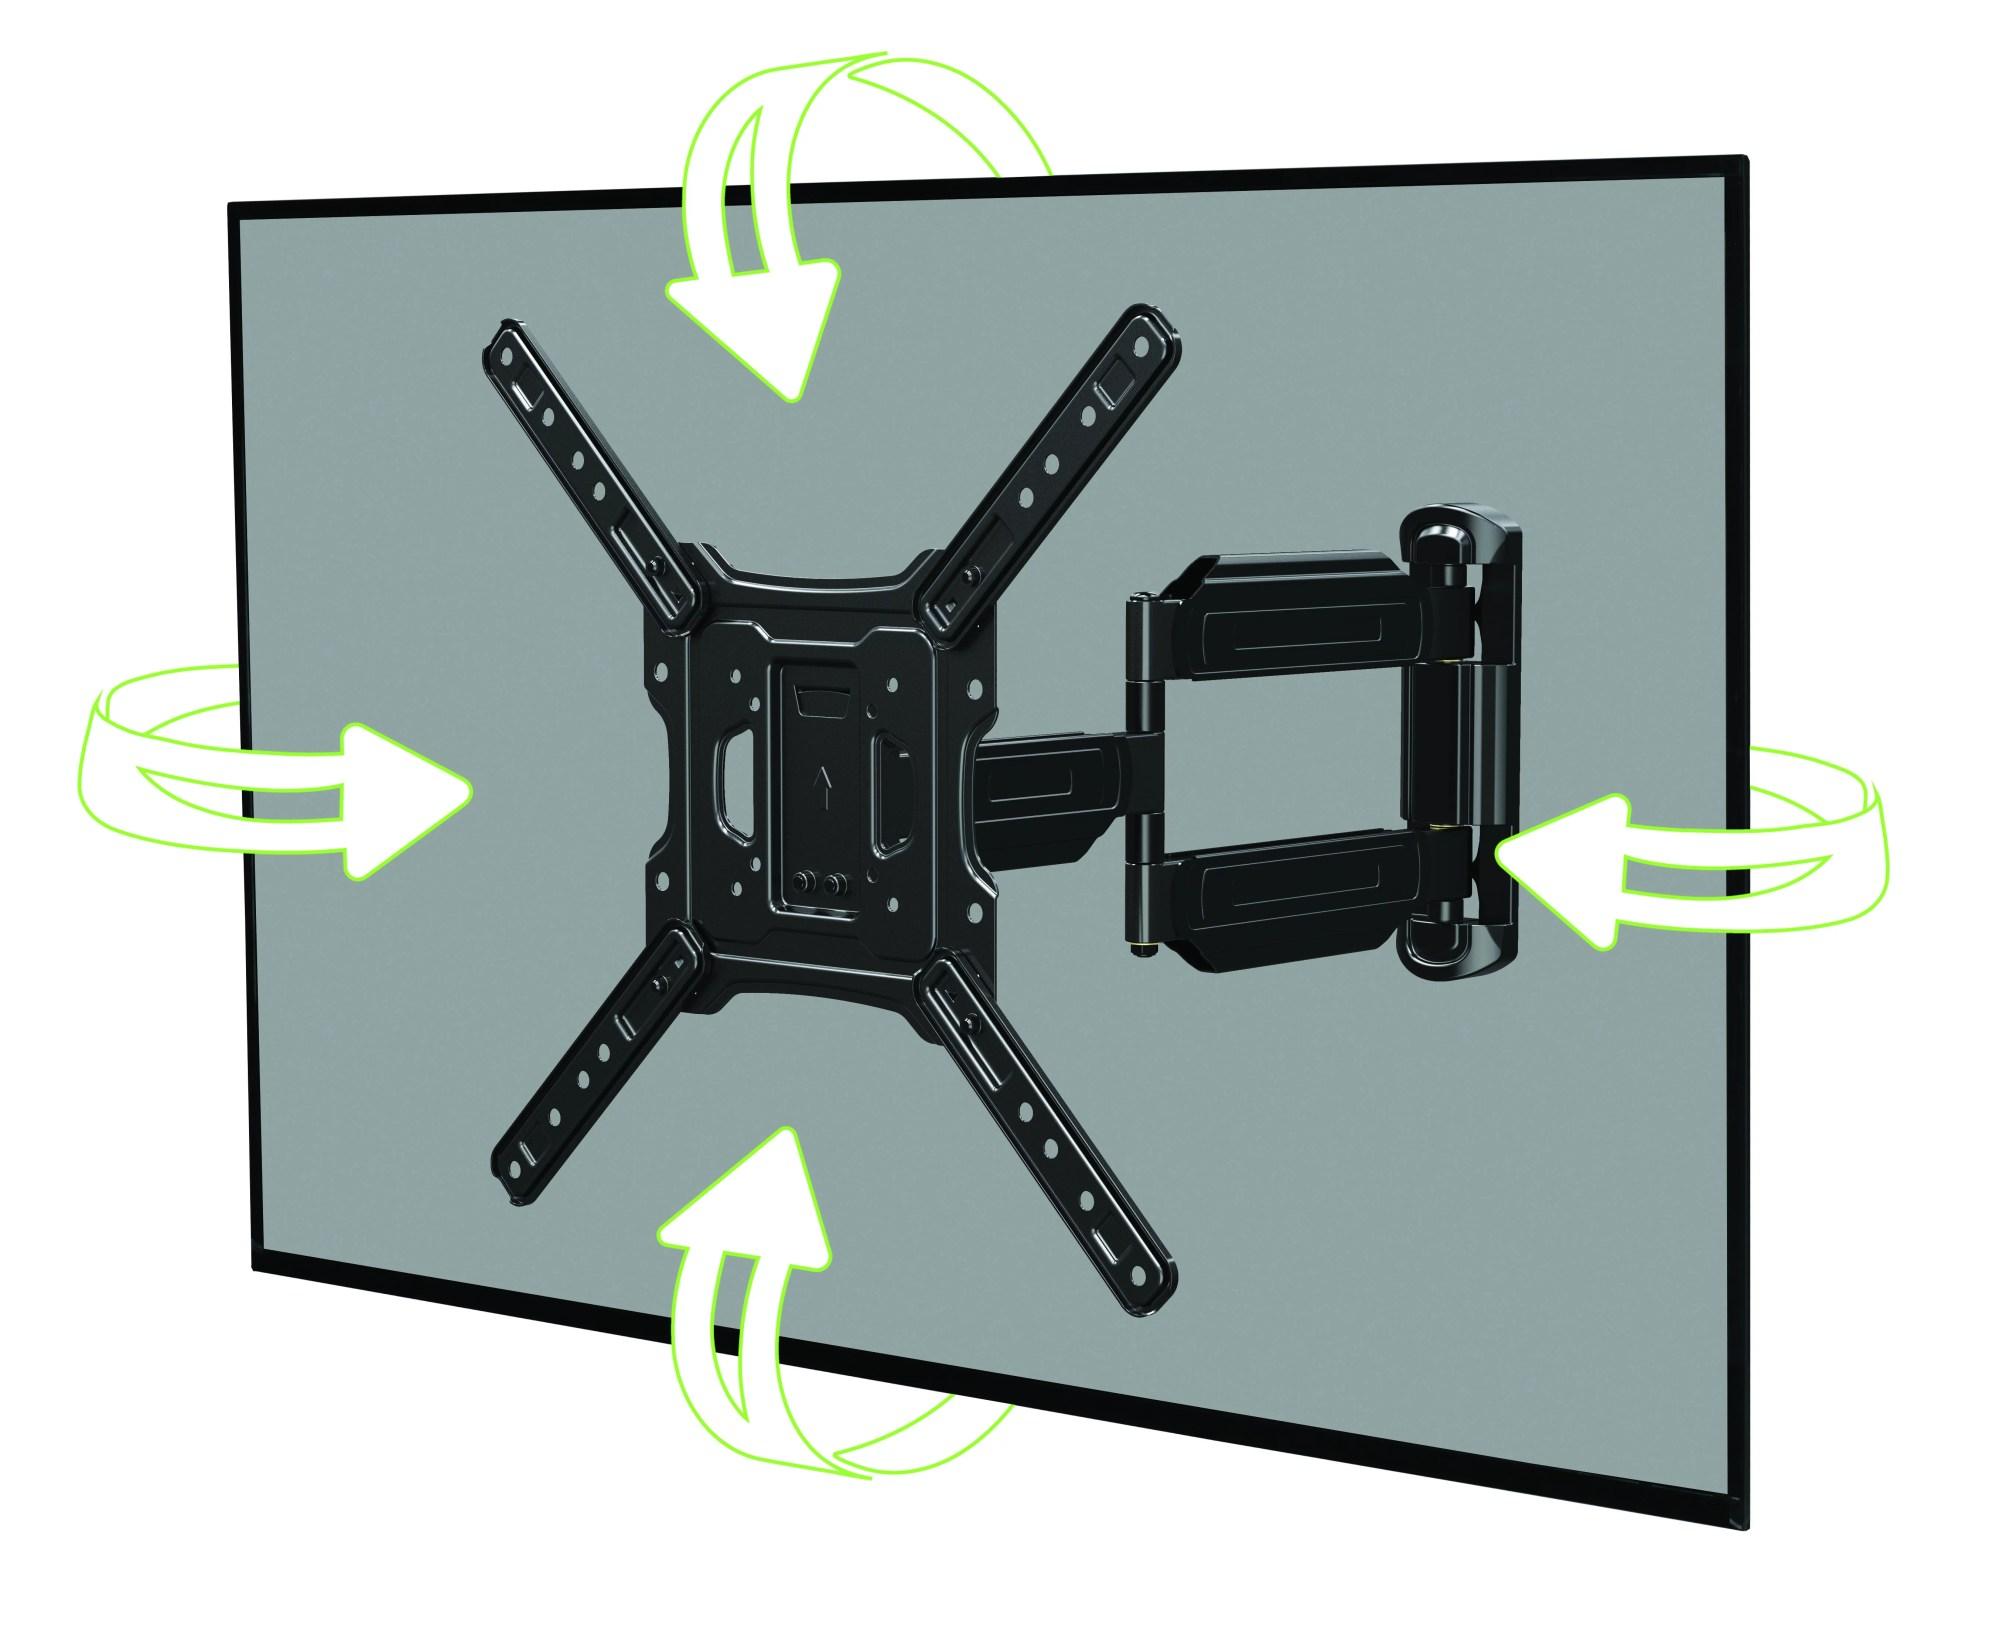 hight resolution of onn full motion cross arm mount kit for 32 47 tvs low profile extend tilt with built in leveler